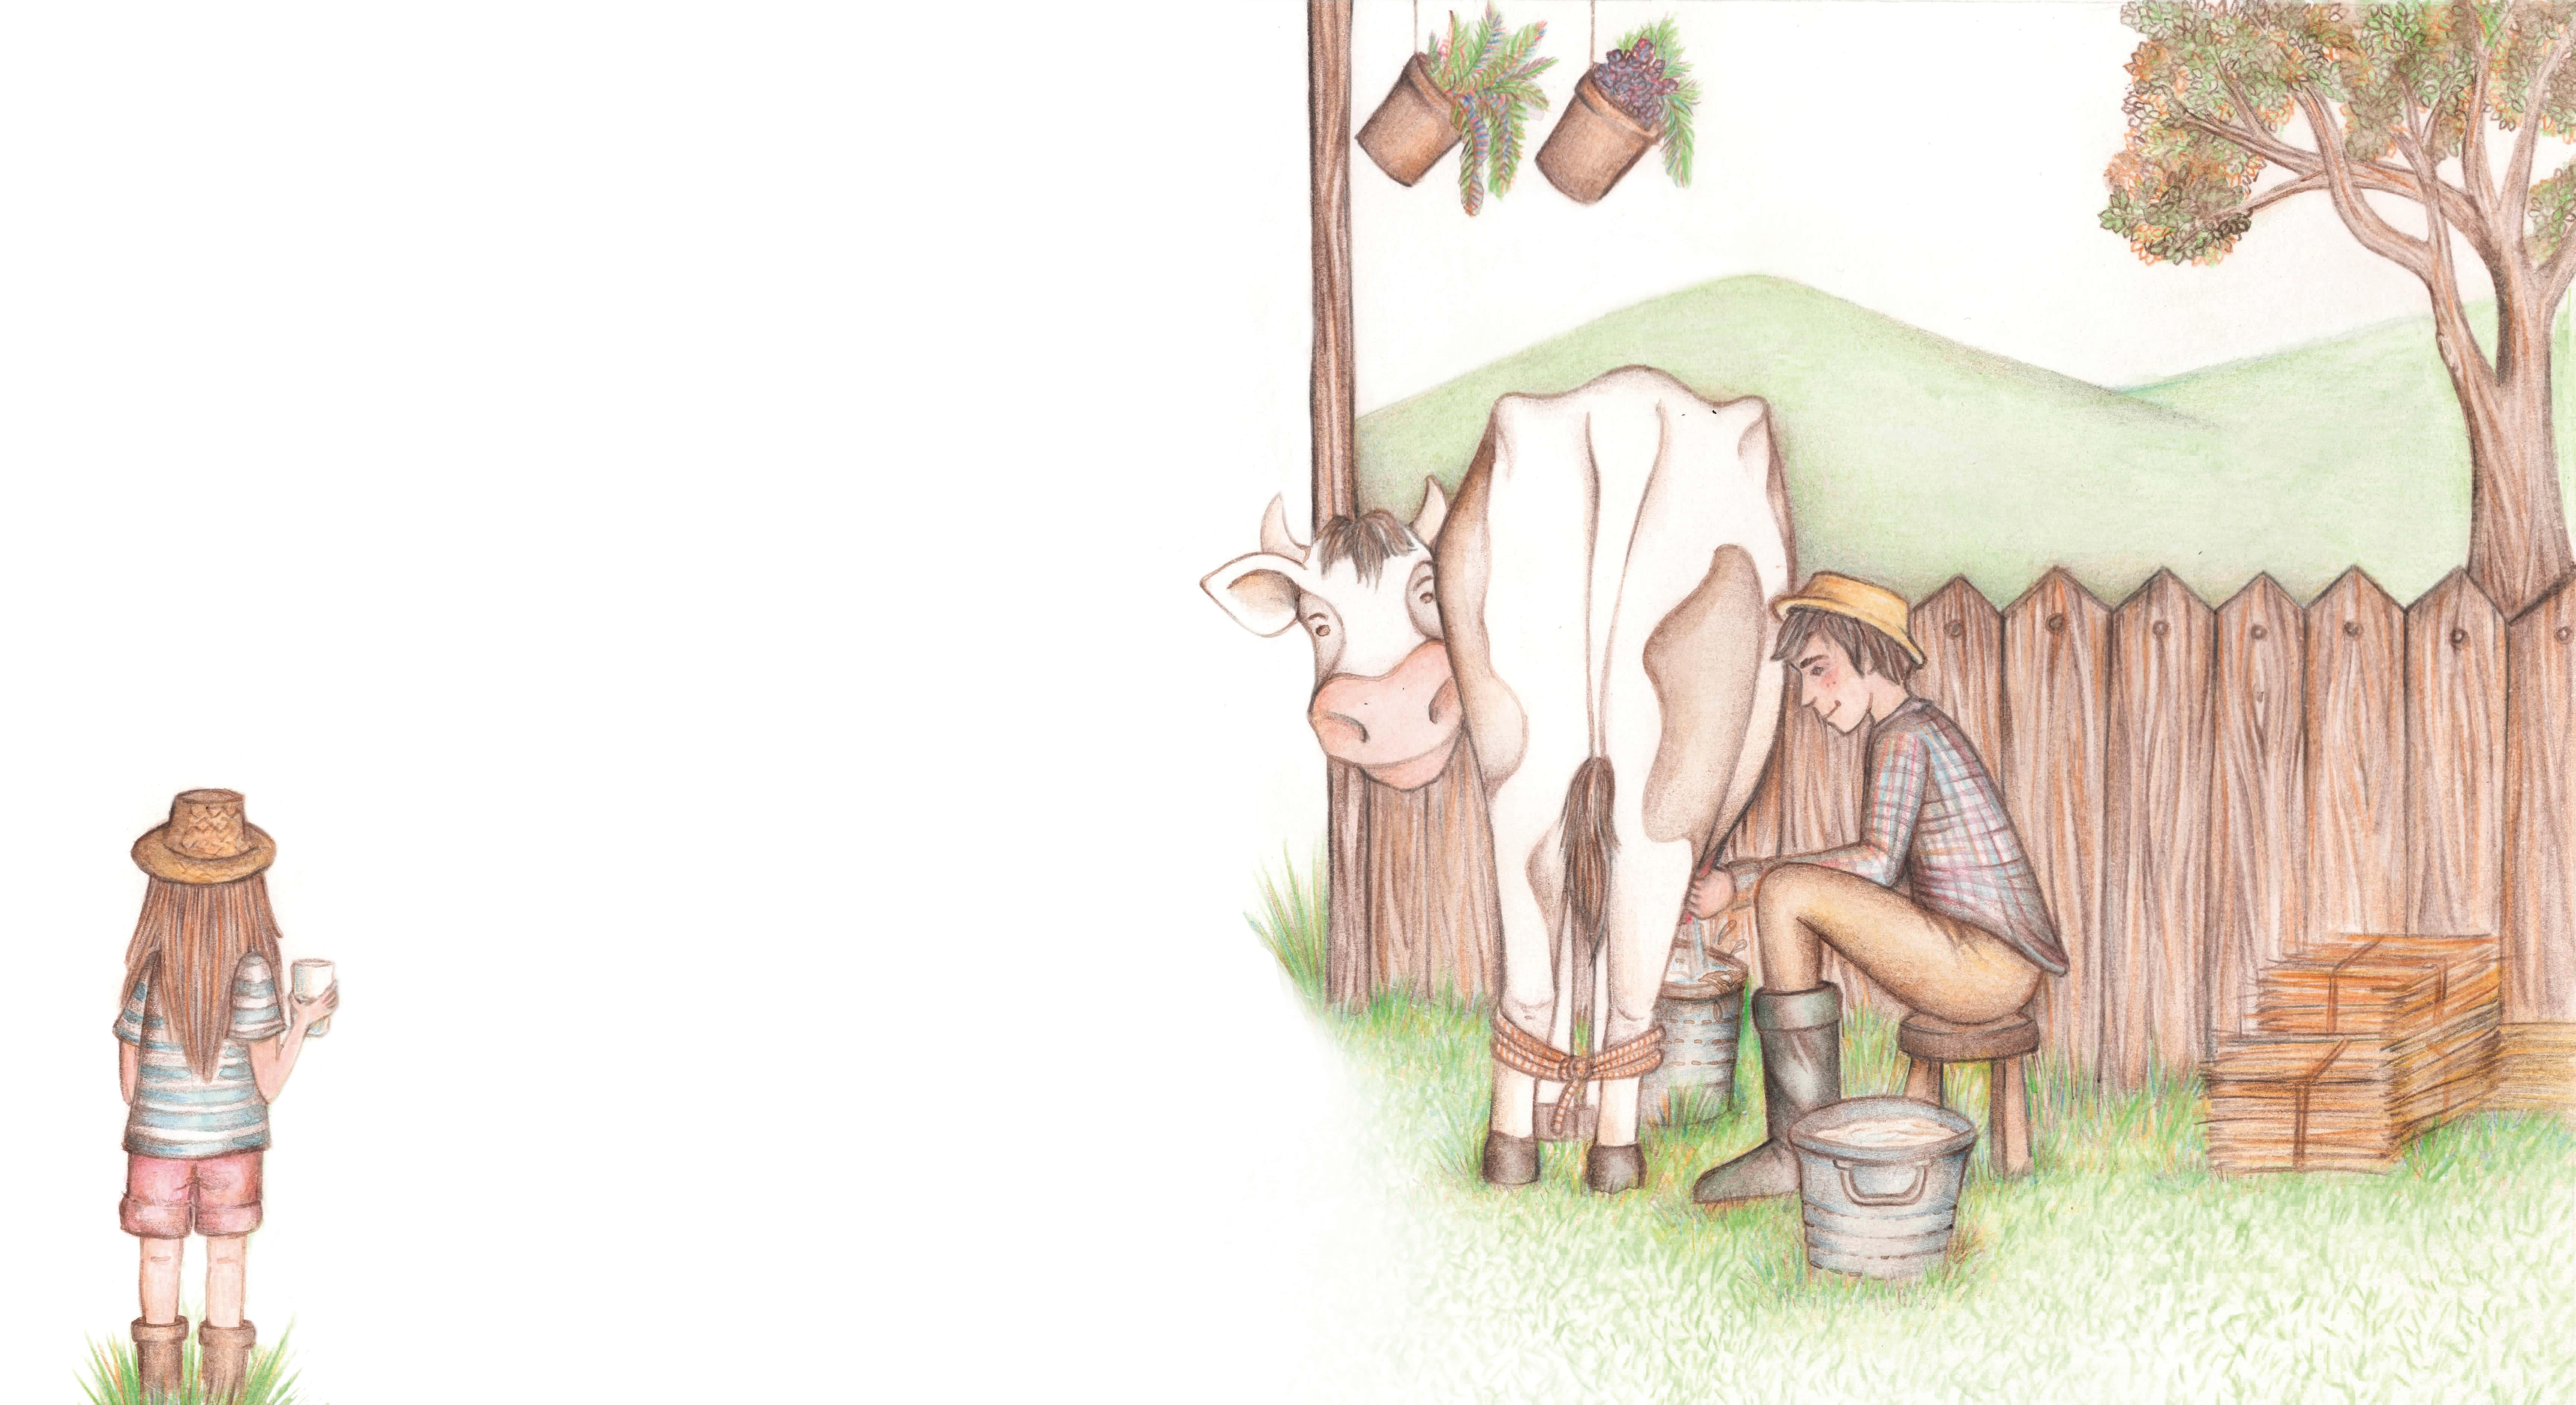 Pagina ordeño vaca NUEVO FORMATO-min